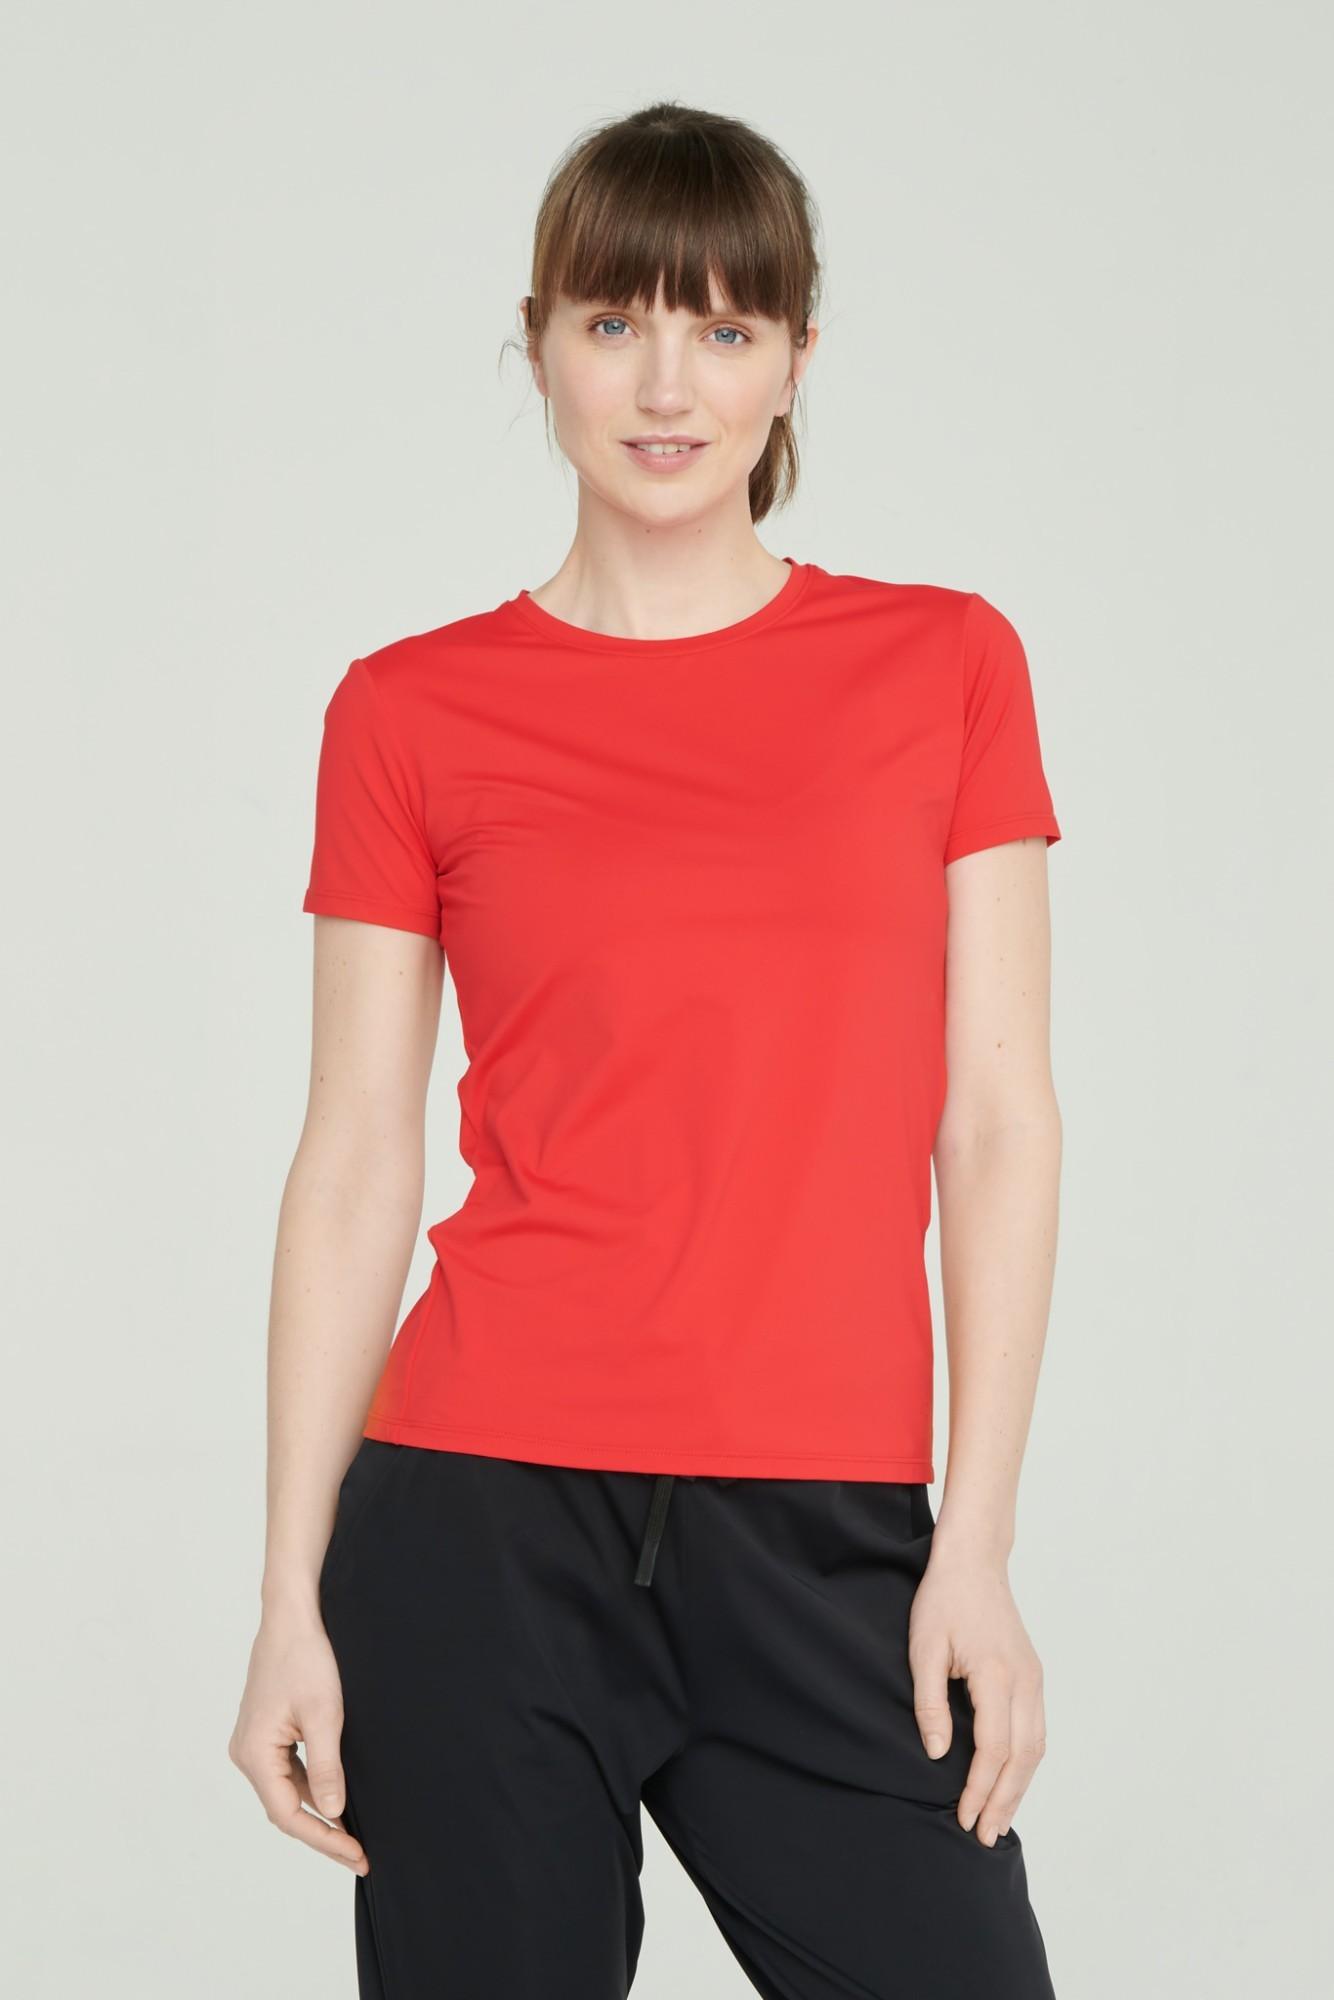 AUDIMAS Apranga Funkcionalūs marškinėliai 1821-227 High Risk Red L